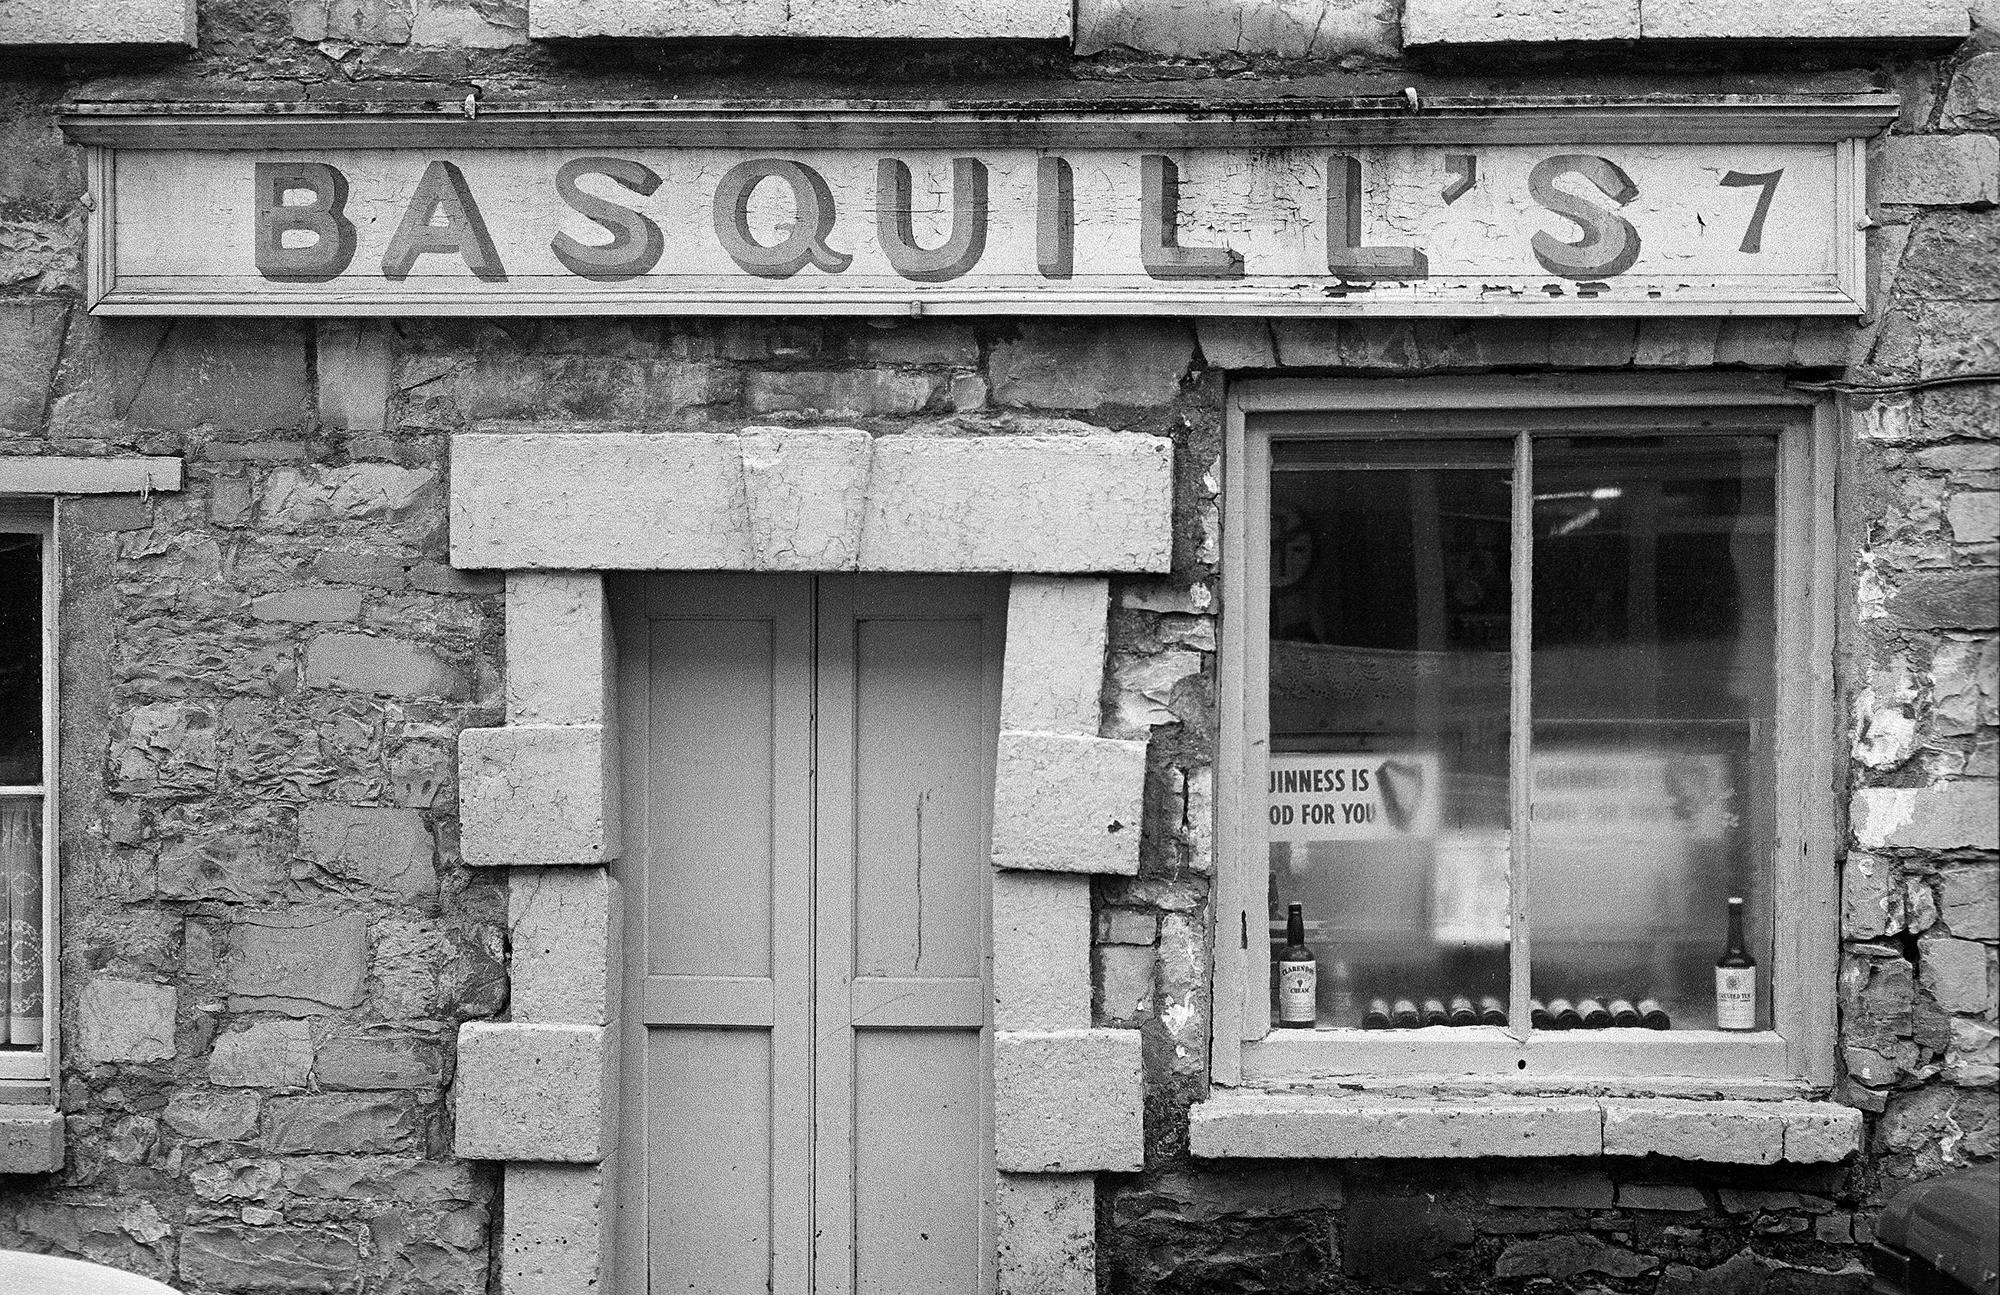 Castlebar Basquill Castle Str. Mayo 1974 by Con Mönnich